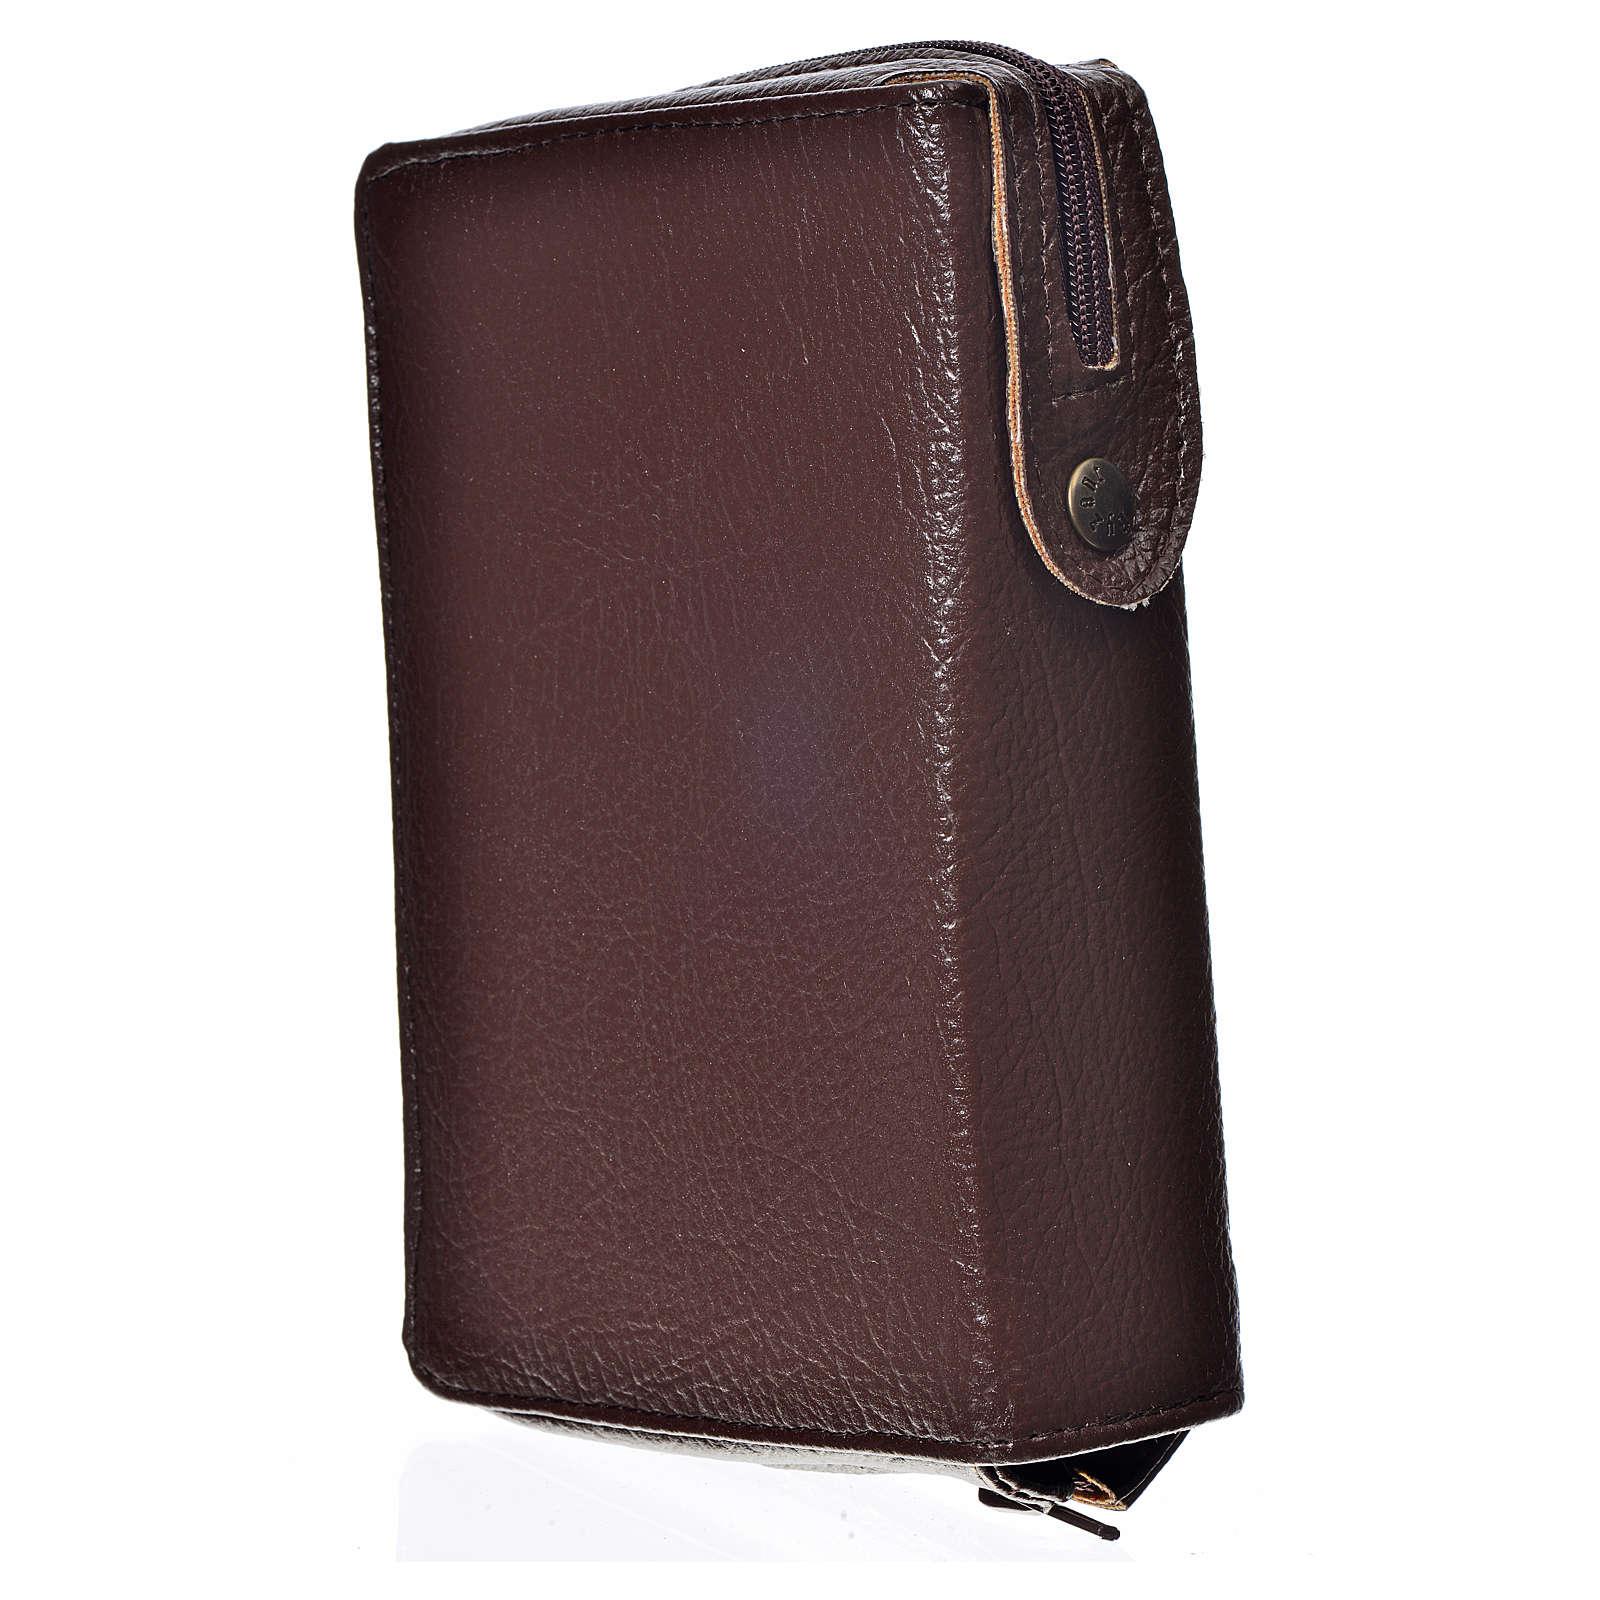 Funda Sagrada Biblia CEE ED. Pop. marrón oscuro simil cuero Virg 4